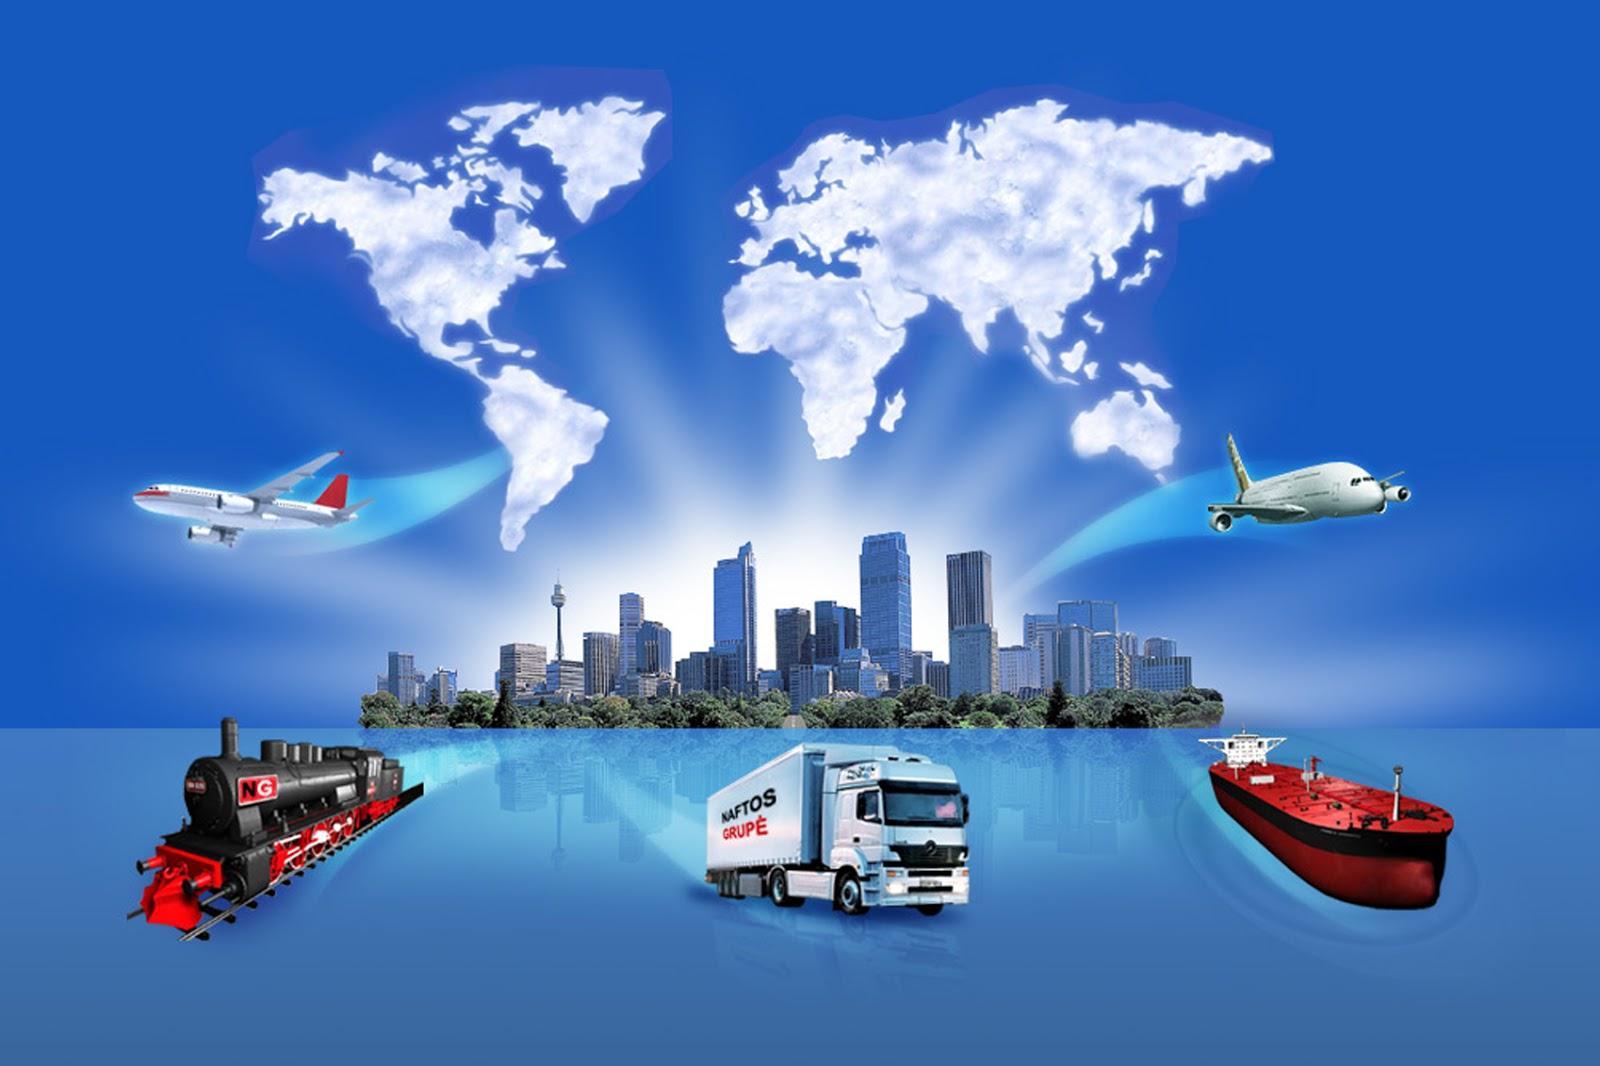 chuyển phát nhanh đi quốc tế